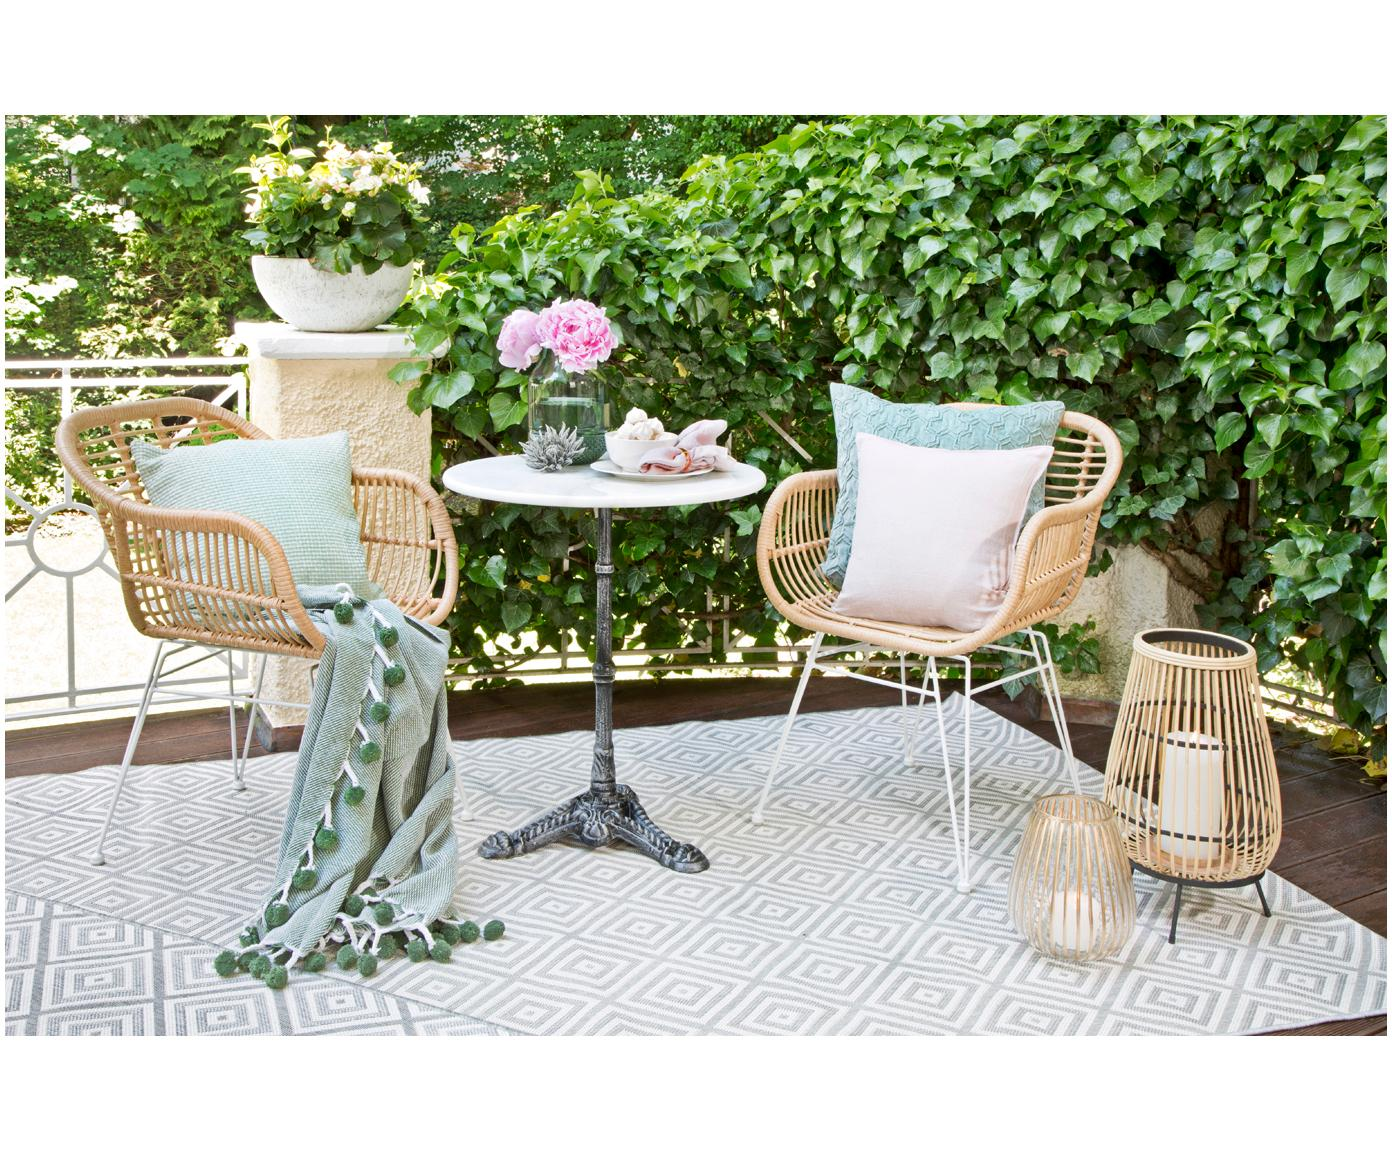 Polyratanová židle spodručkami Costa, 2ks, Světle hnědá Nohy: bílá